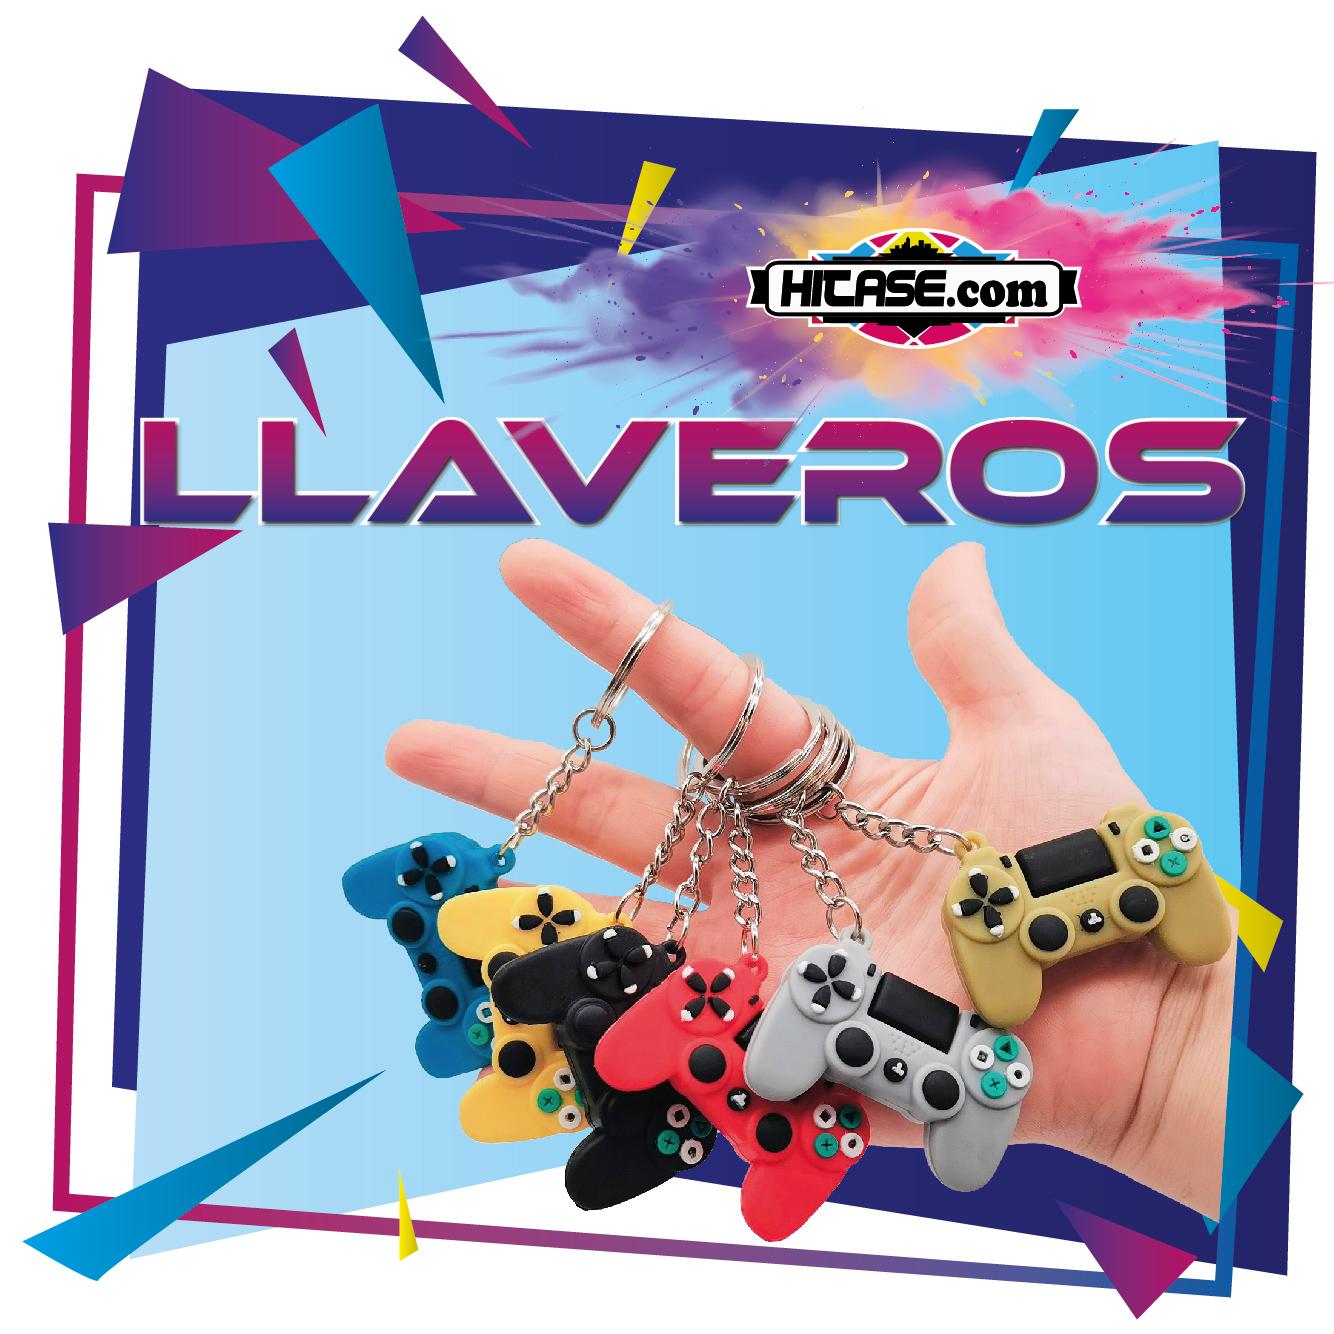 Llavero Gaming